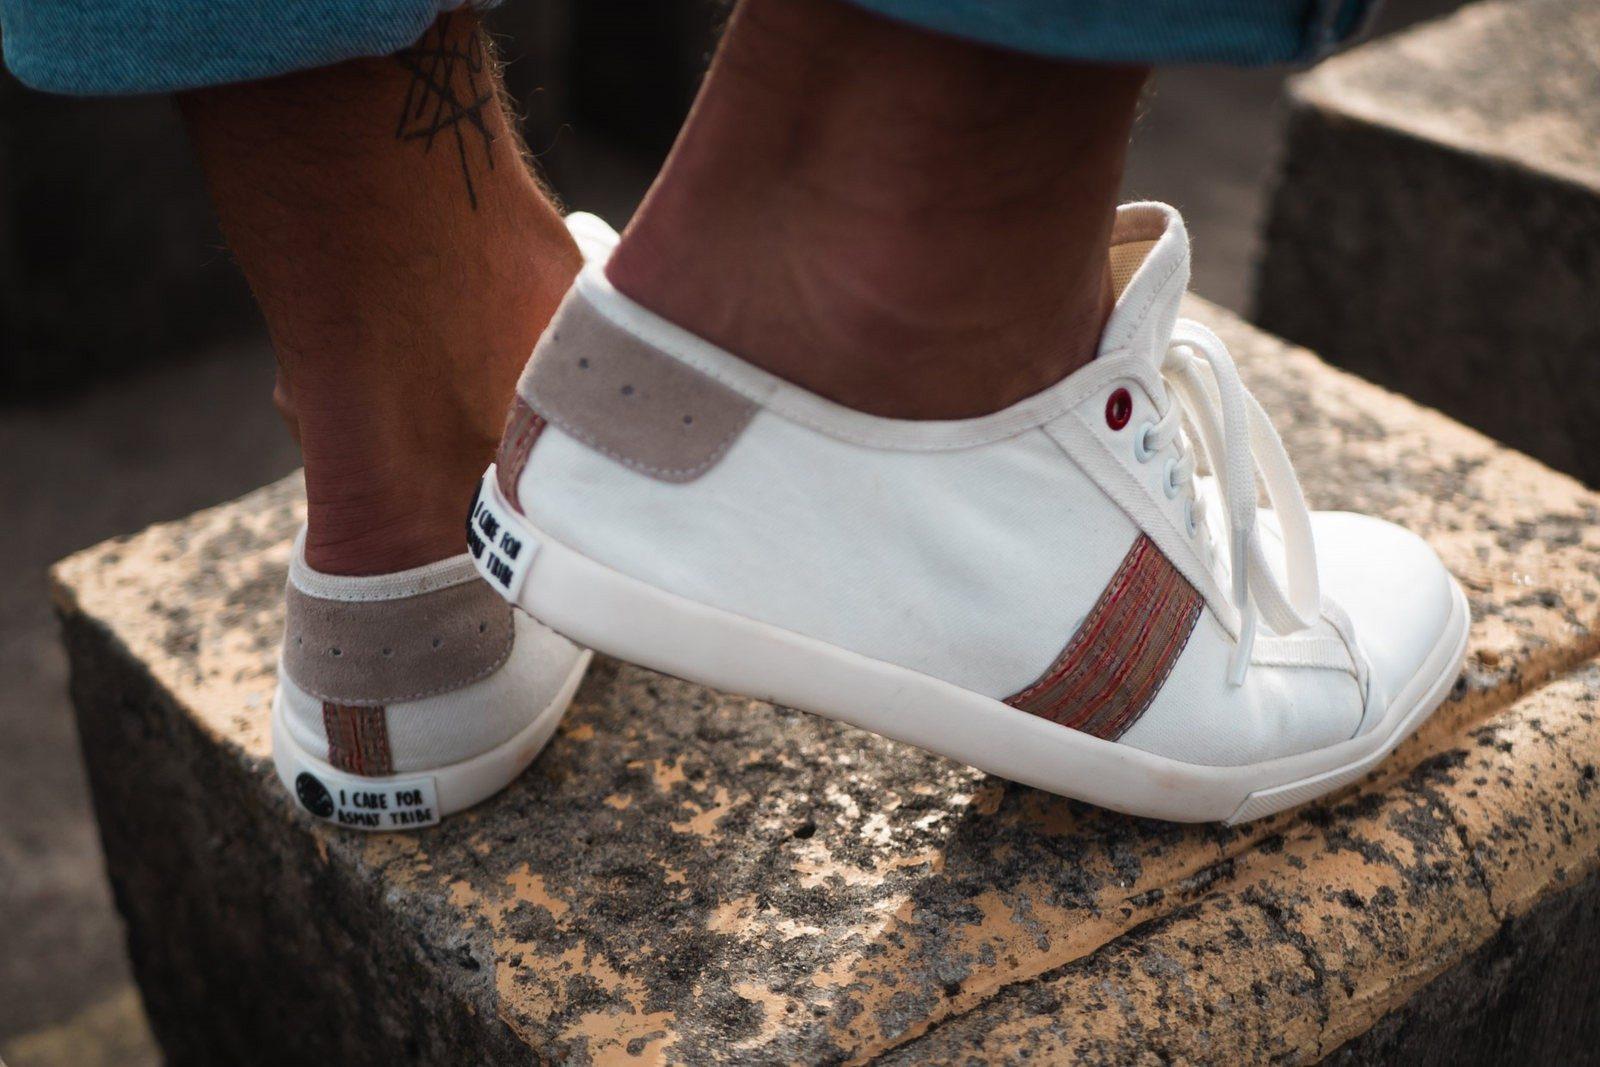 WiWi Shoes - Sneakers en coton biologique certifié GOTS et semelle en pneu recyclé - Modèle Loewy homme - Buenos Aires - vue 3_4 arrière droit mouvement - portées